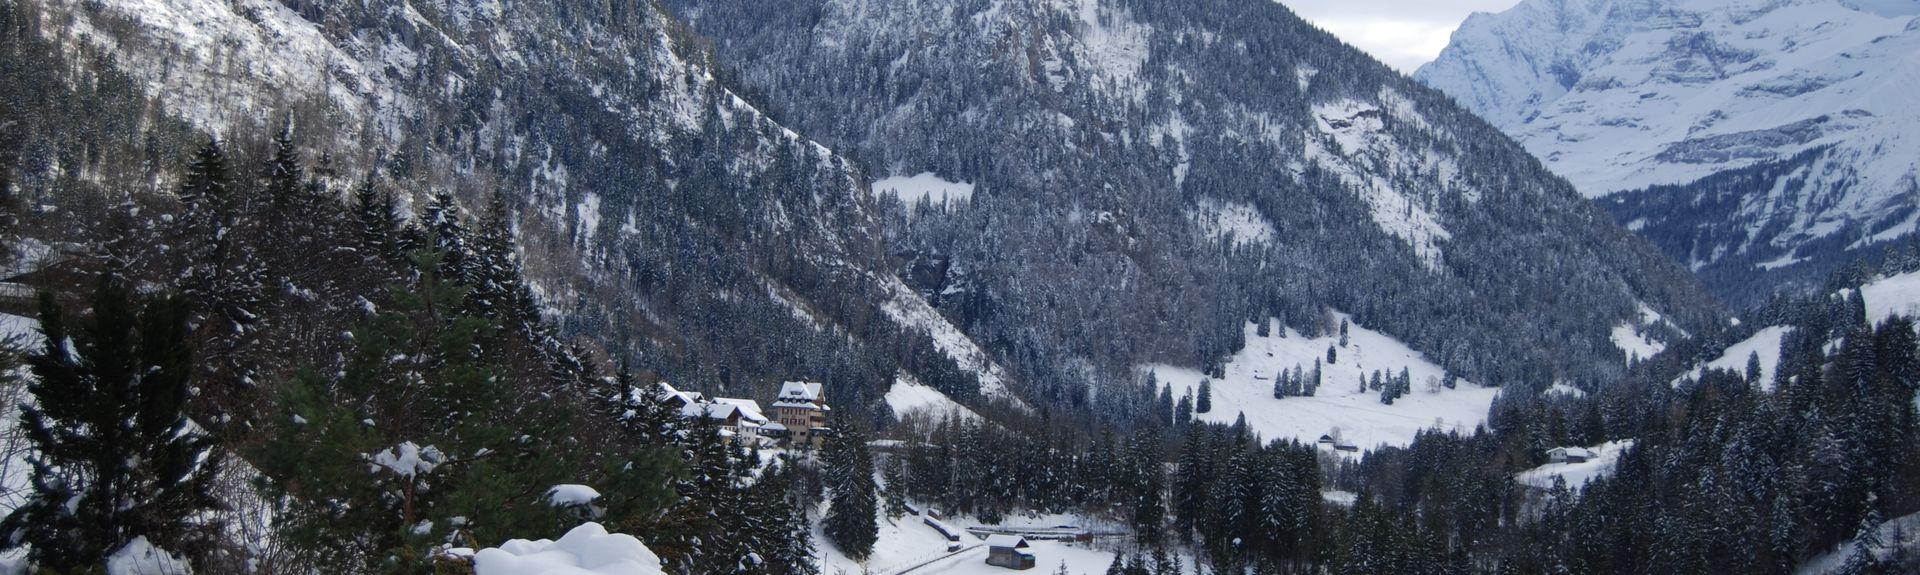 District de Gwatt, Canton of Bern, Suisse